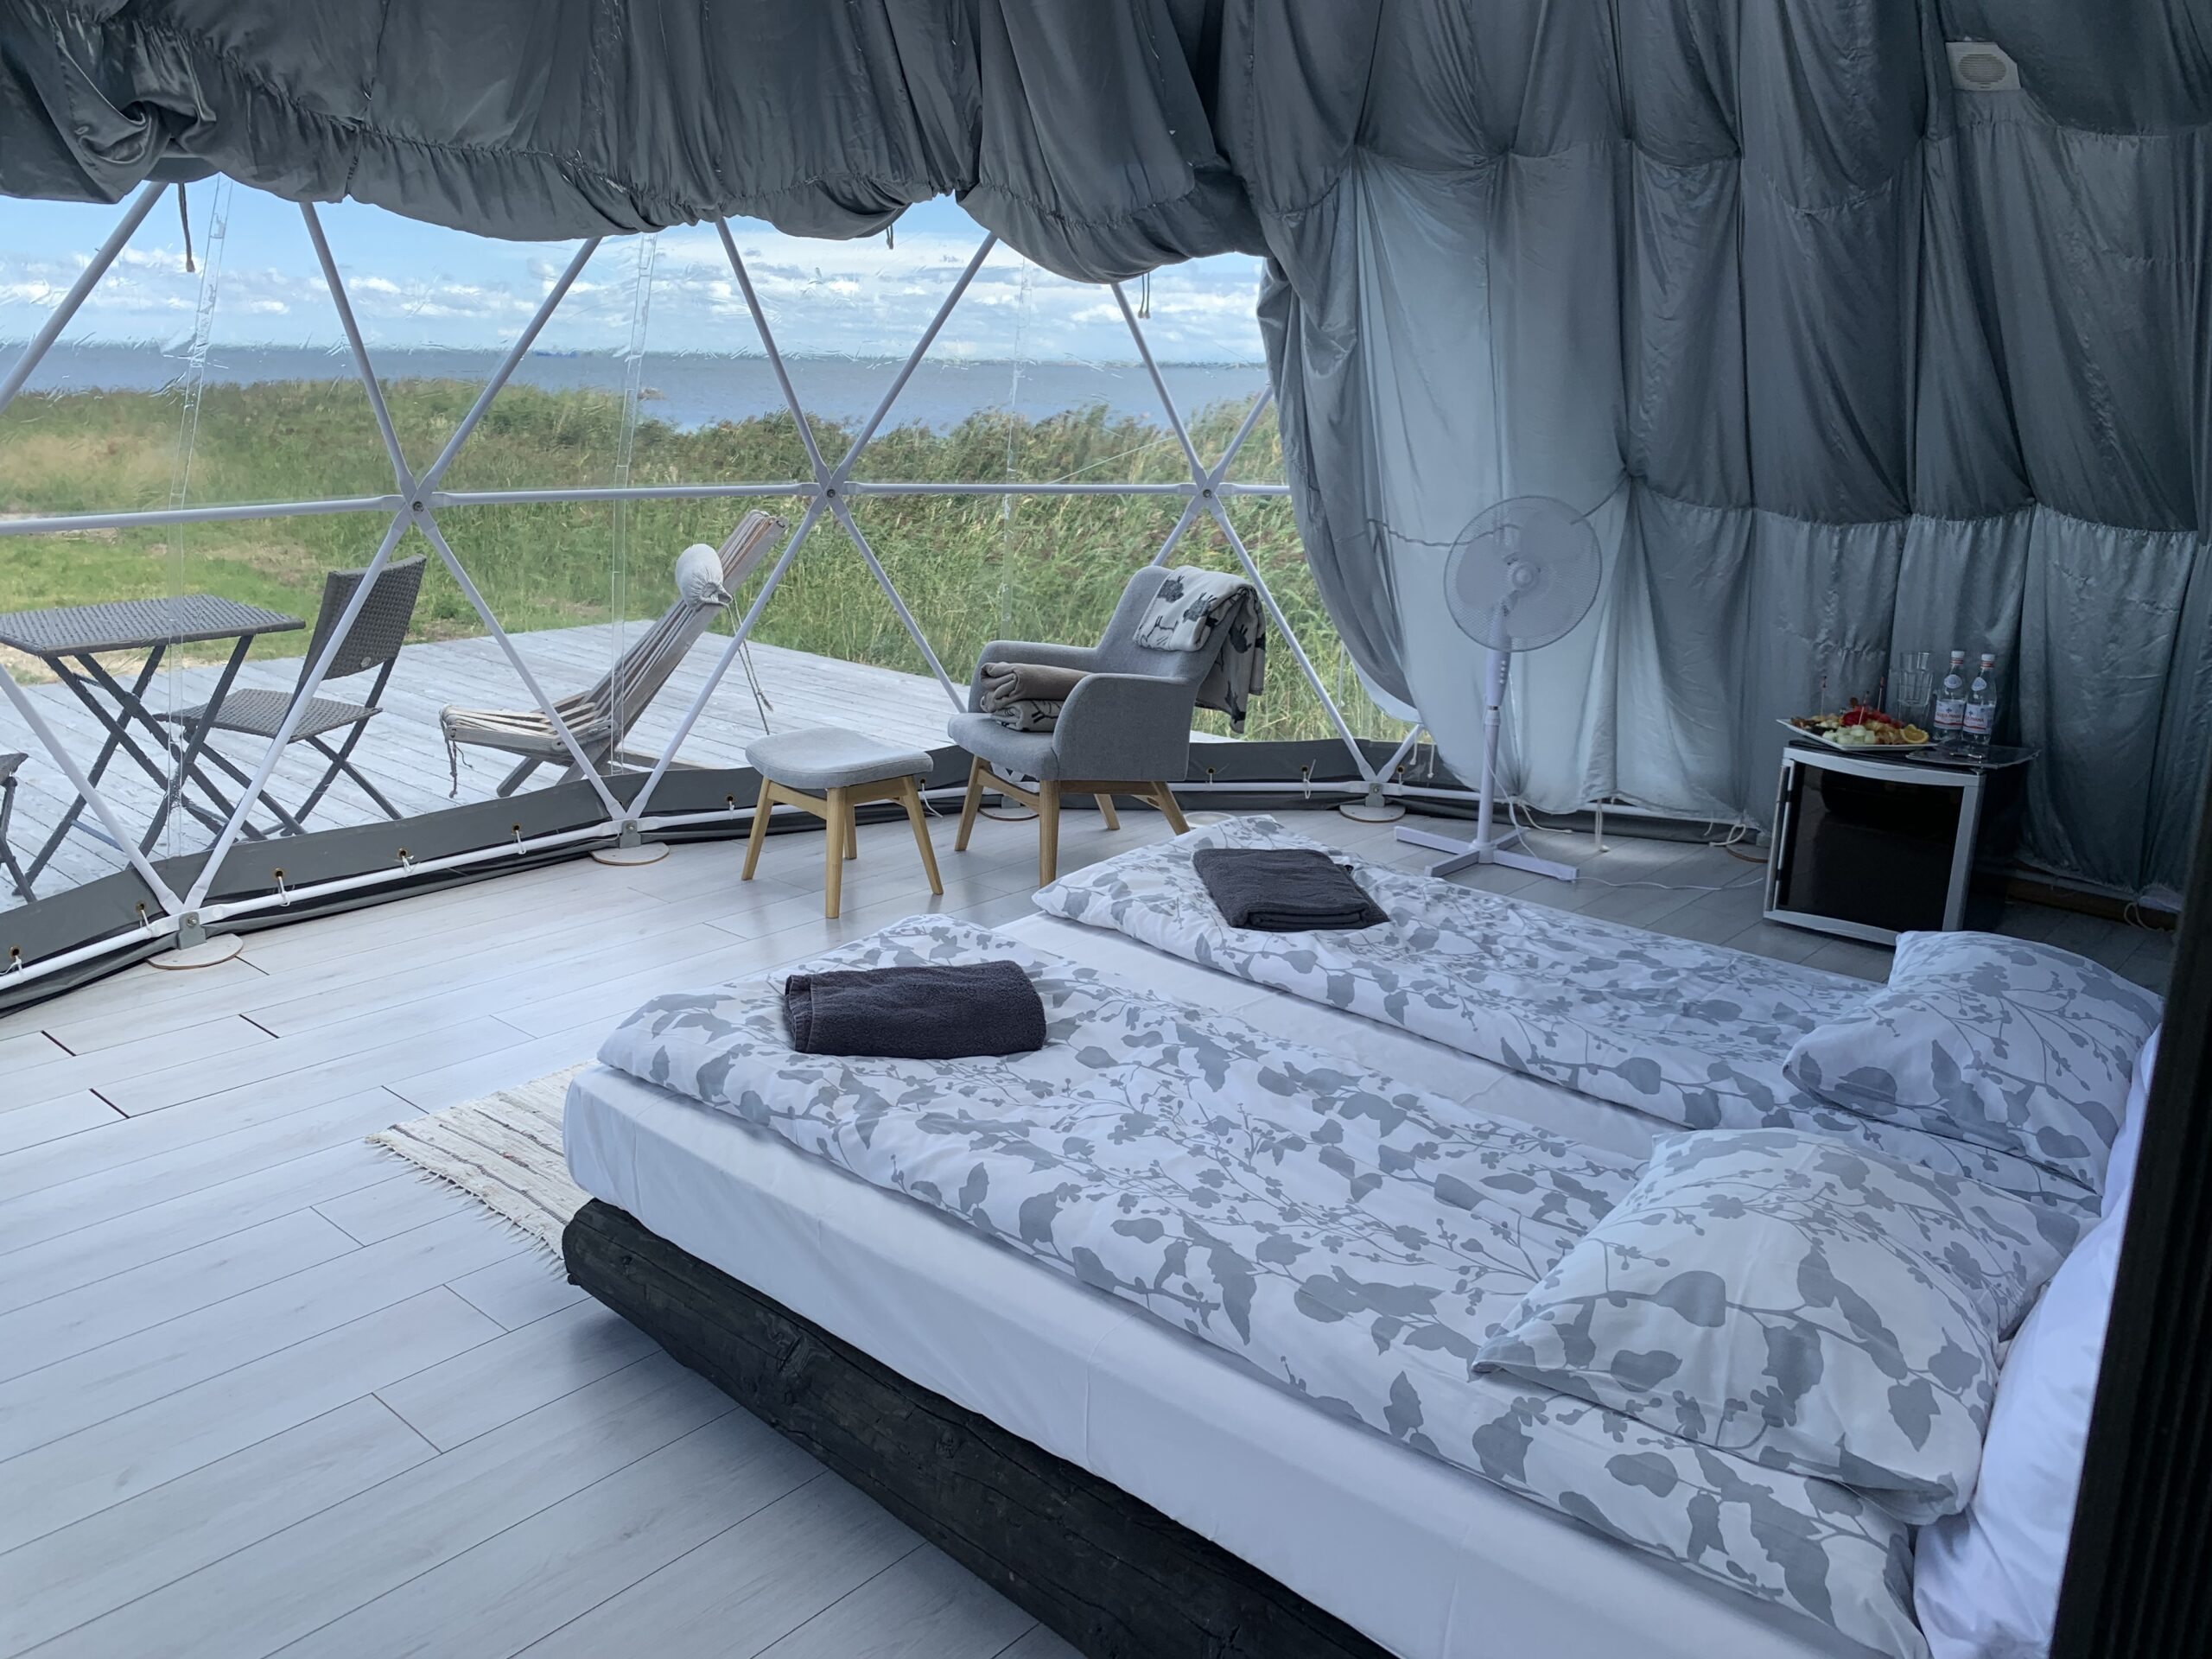 Kuul accommodation